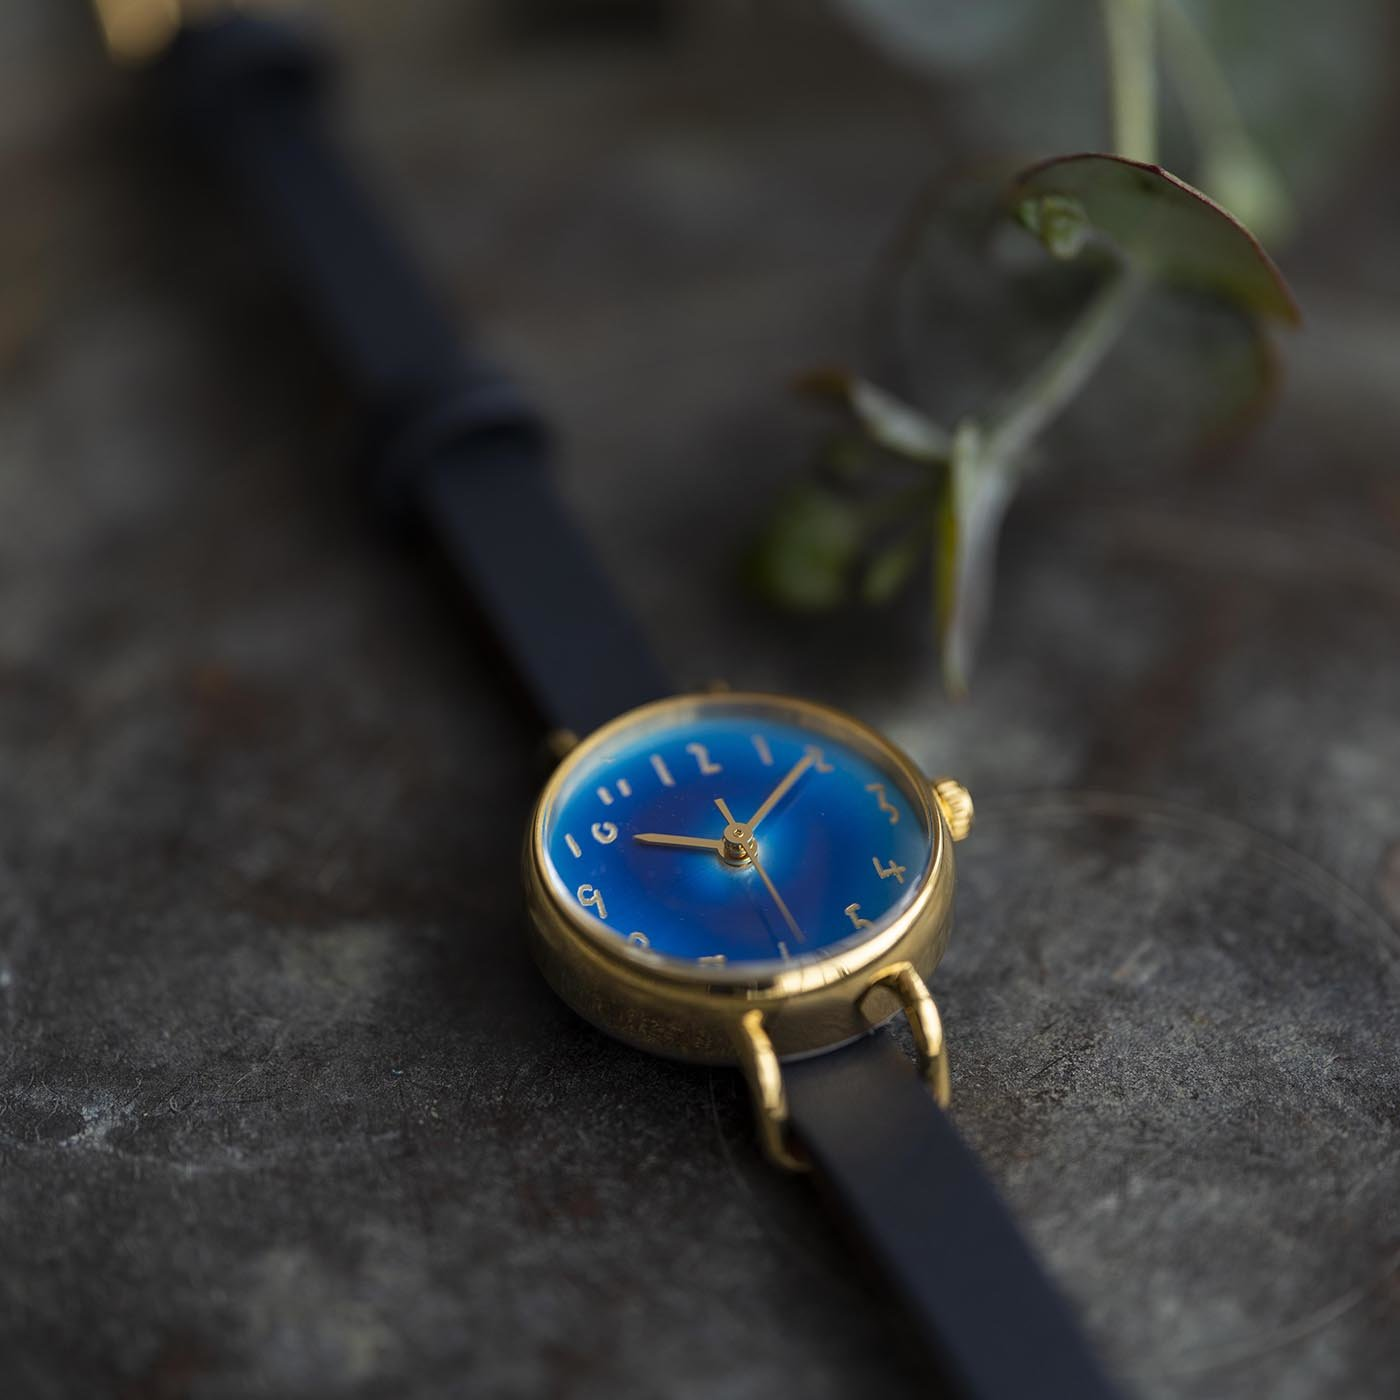 金沢の時計職人が手掛けた 藍月に見惚れる腕時計〈紺青色〉[時計:日本製]